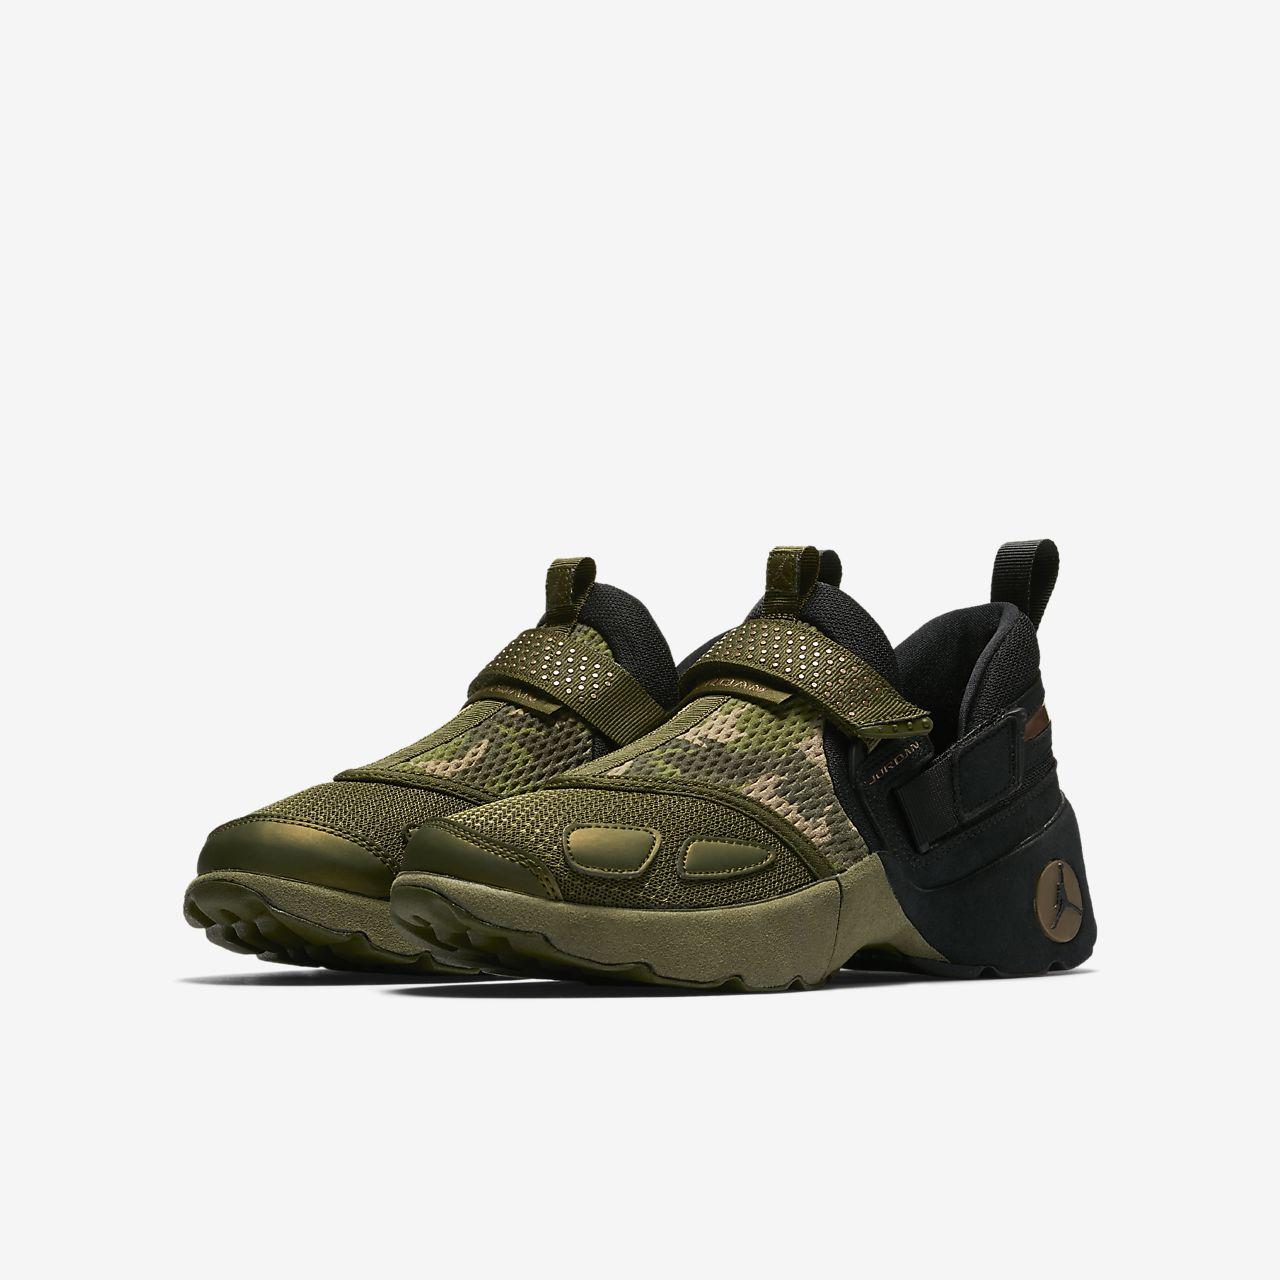 Jordan Trunner LX Premium Heiress Big Kids Shoe Sneaker Other WomensMens UK  NIKE ... c59c2e576